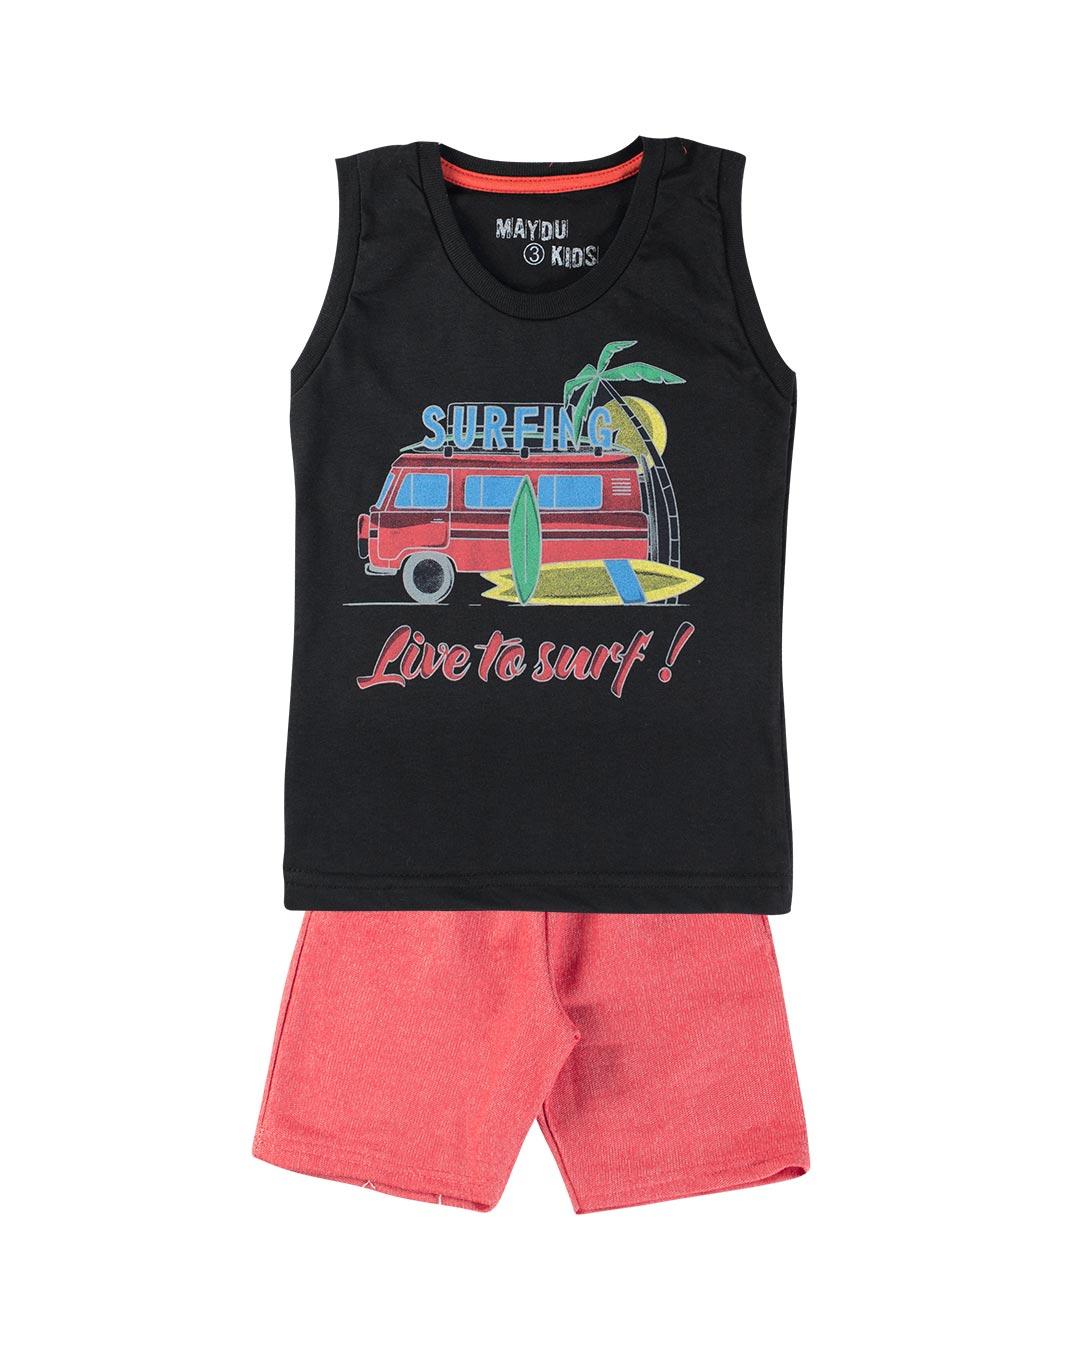 Conjunto Infantil Live To Surf - Maydu Kids